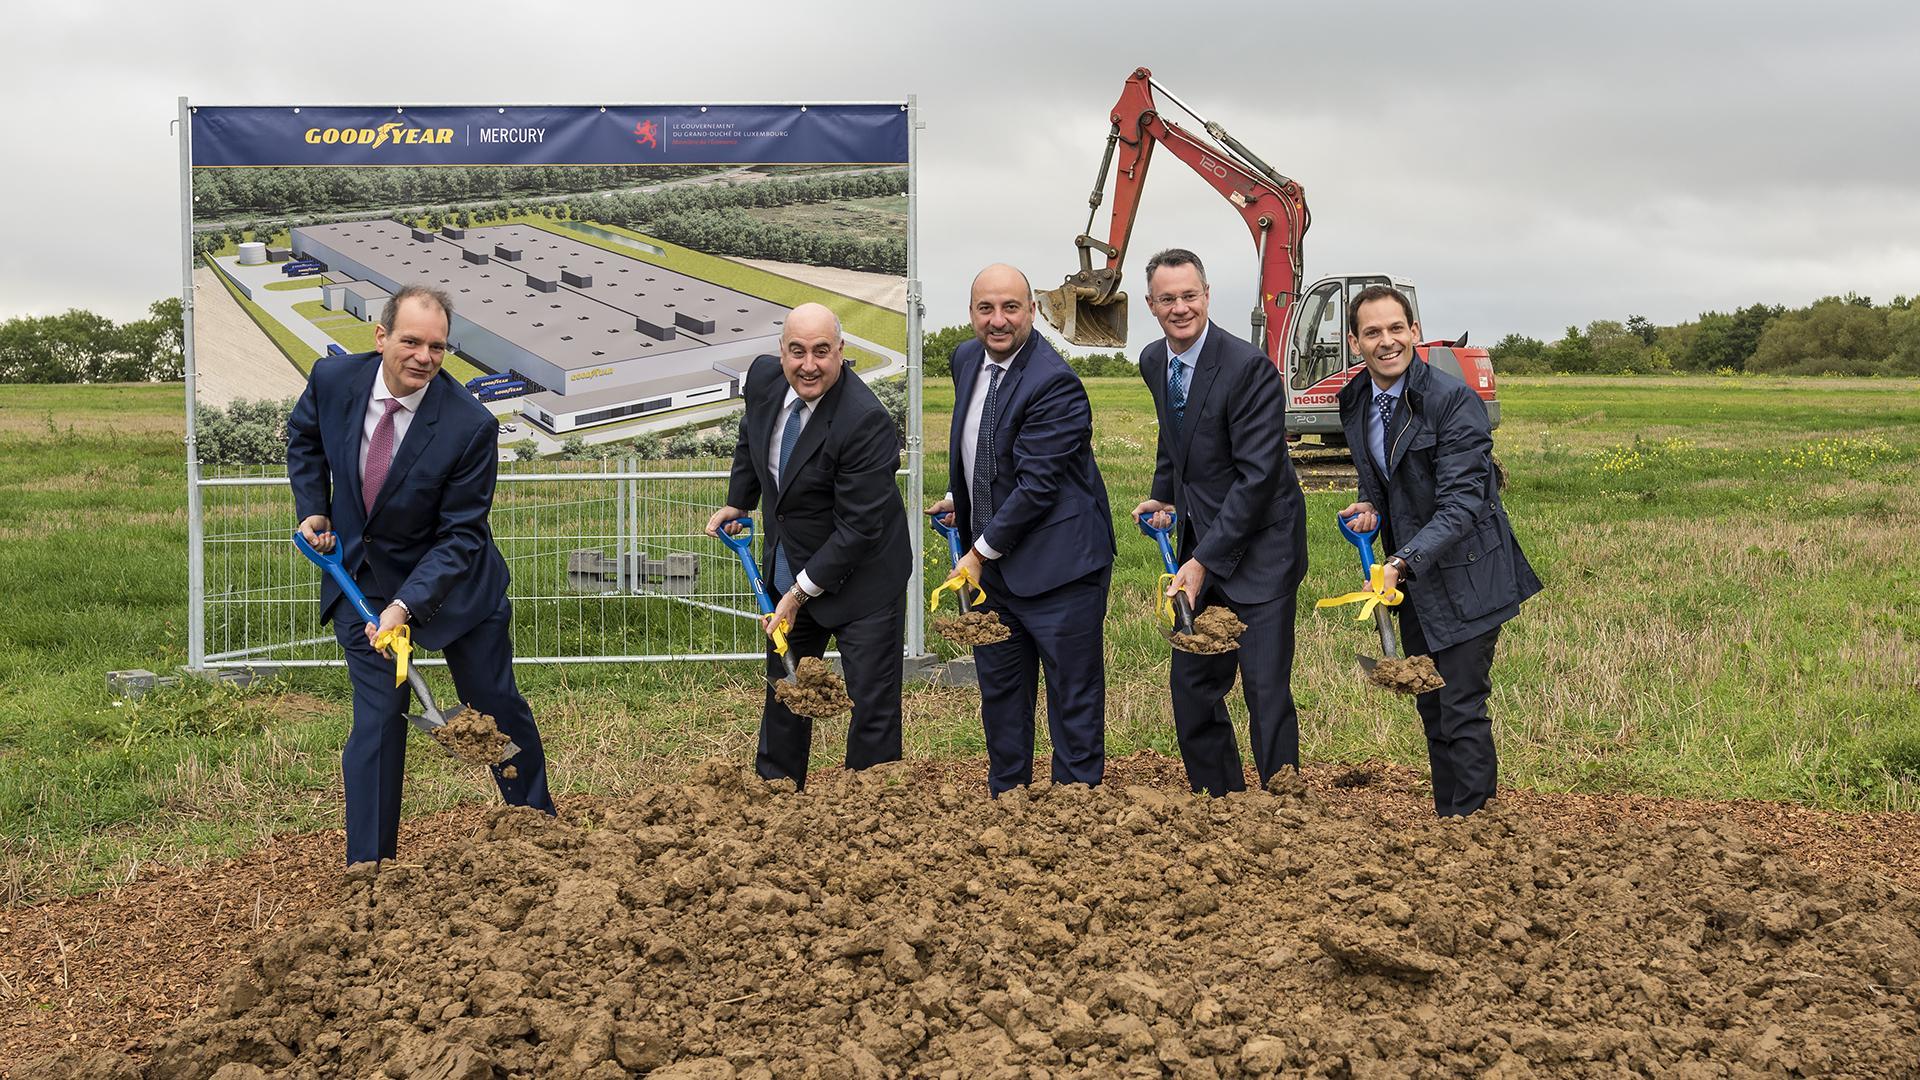 Goodyear начала строительство нового завода в Люксембурге